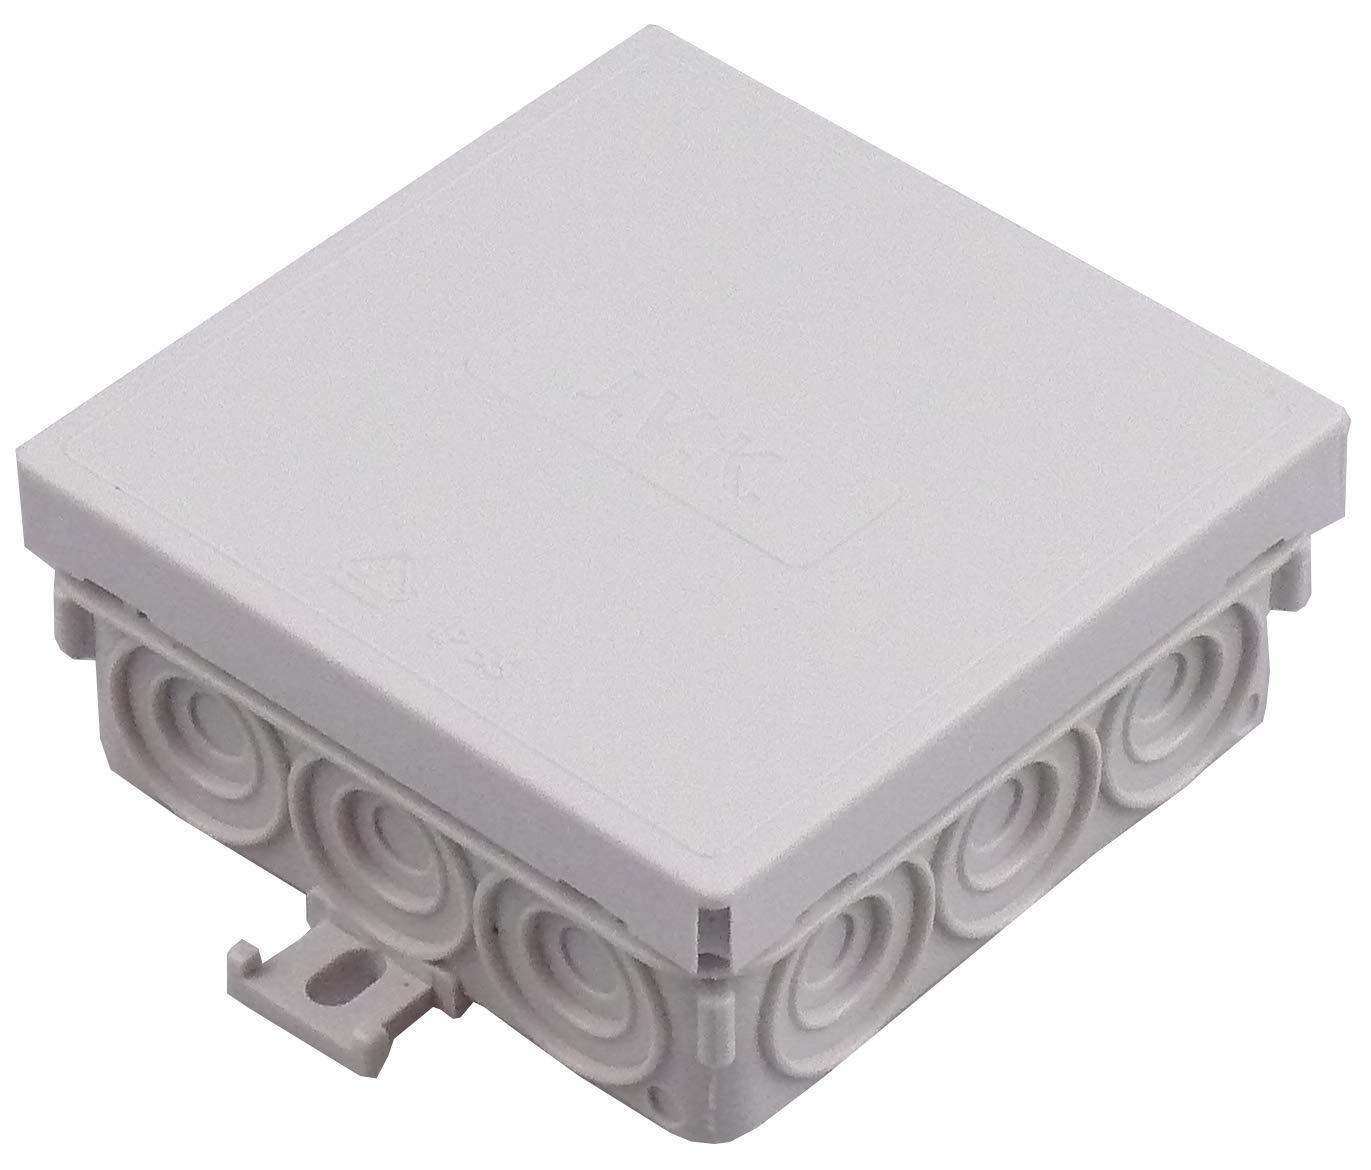 5x Aufputz Abzweigdose Verteilerdose Verteilerkasten Wasserdicht Feuchtraum 85x42 IP55 grau